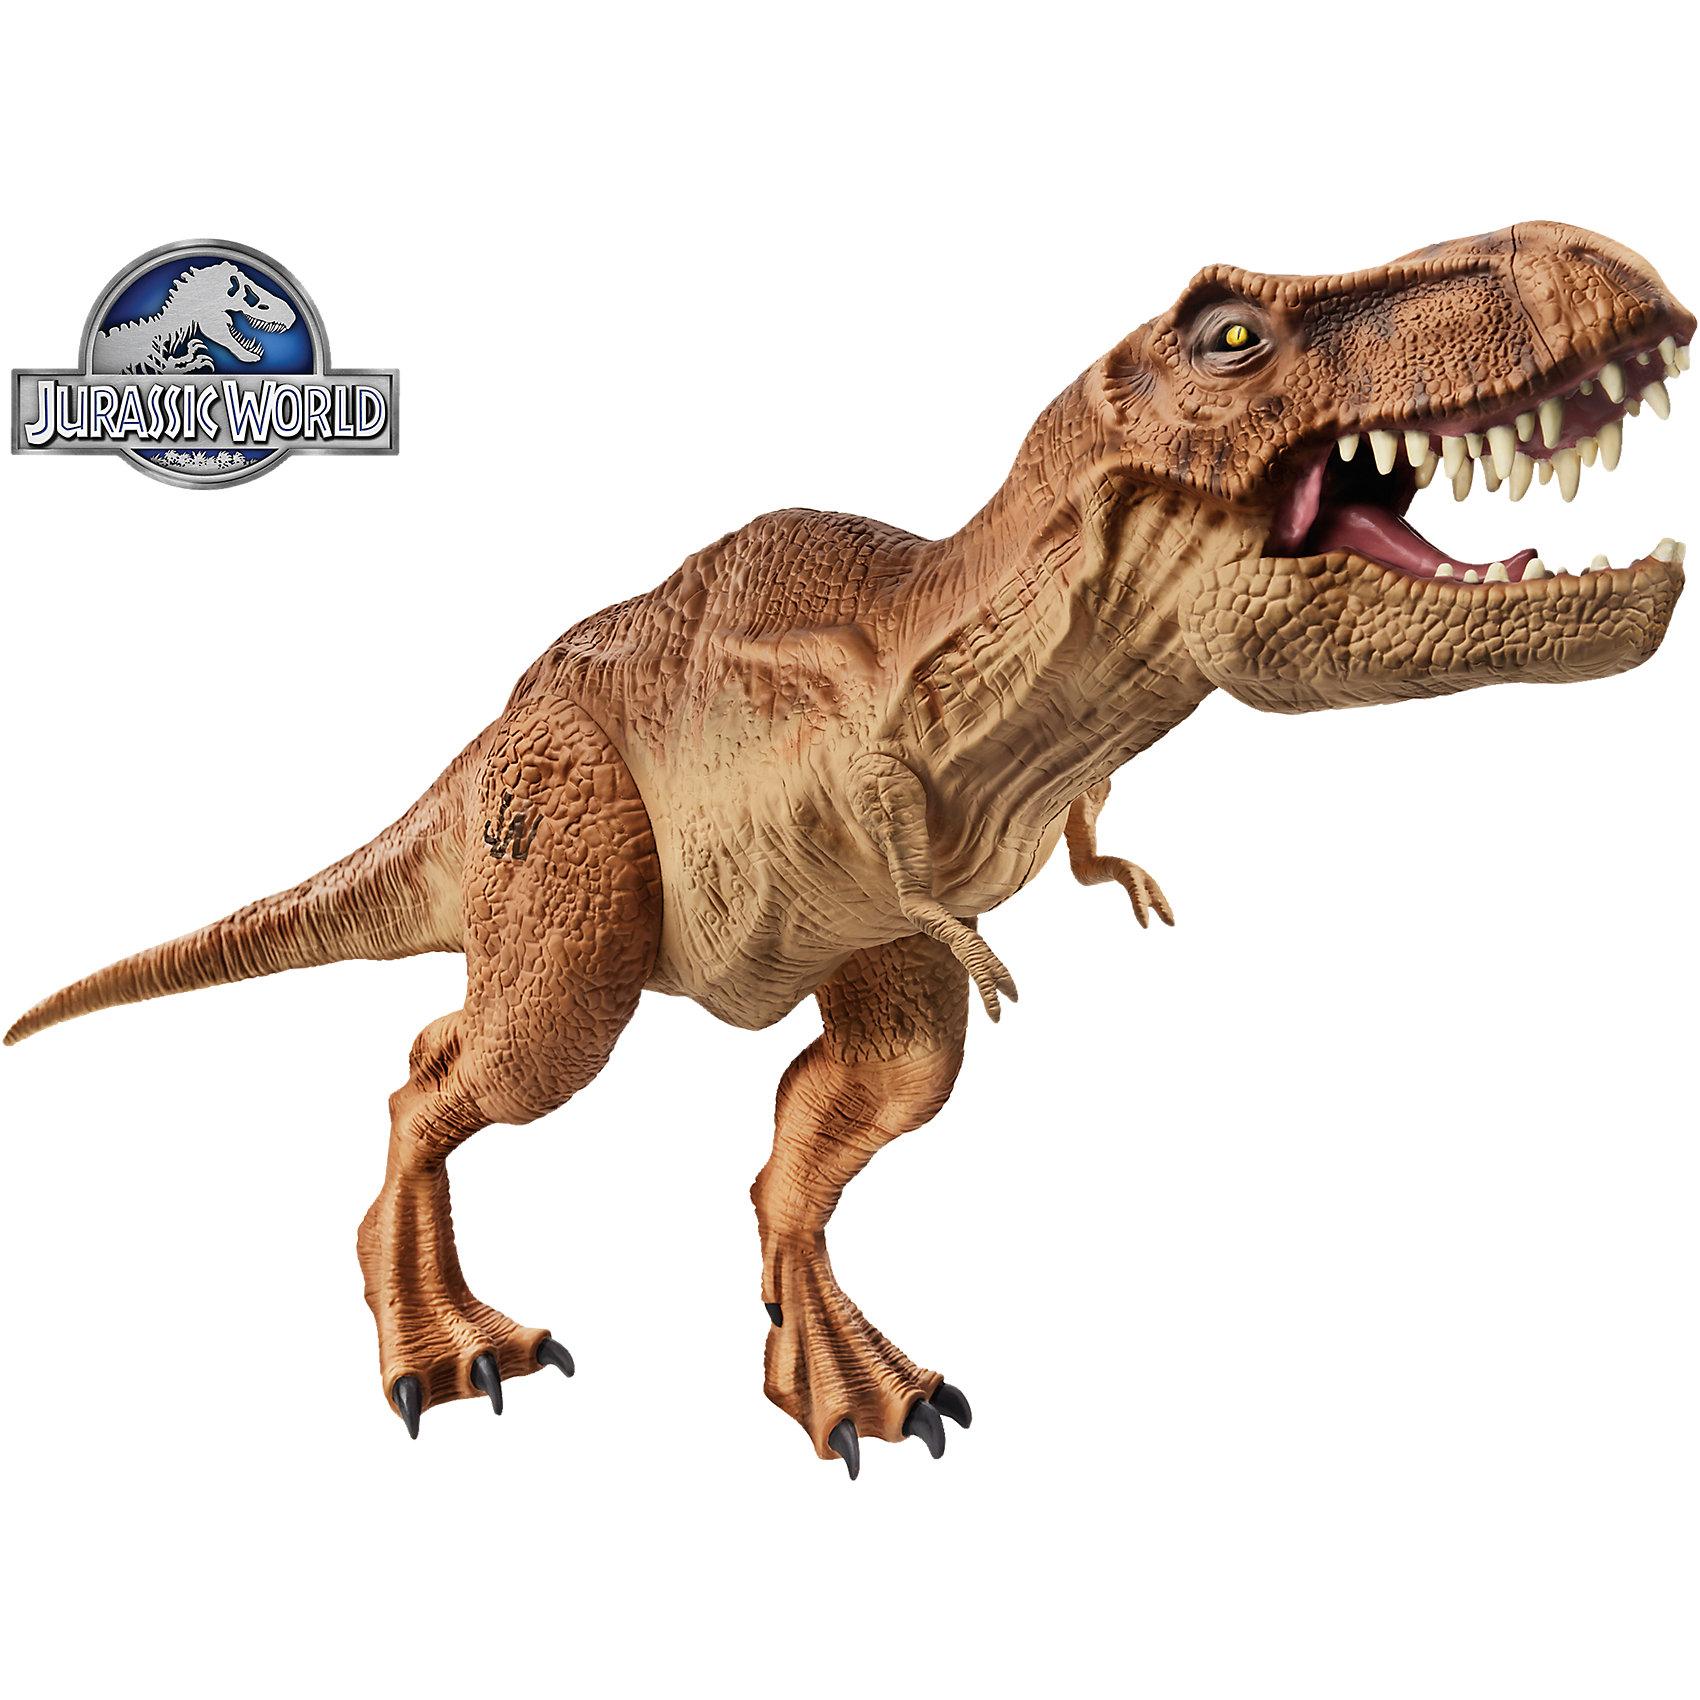 Тиранозавр Рекс, Мир Юрского ПериодаТиранозавр Рекс, Мир Юрского Периода<br><br>Характеристики:<br><br>• точная копия динозавра из фильма<br>• подвижные лапы и челюсти<br>• материал: пластмасса<br>• высота игрушки: 40 см<br>• размер упаковки: 30х10х21,25 см<br>• вес: 422 грамма<br><br>Фигурка тиранозавра Рекса очень похожа на свой прототип. Лапы динозавра подвижны, что позволяет принять нужную позу во время игры. Челюсти сжимаются, а кожа, хвост и детали тщательно проработаны. Игрушка изготовлена из качественного нетоксичного пластика и не имеет опасных элементов. Тиранозавр Рекс - отличный подарок для любителей доисторических жителей!<br><br>Тиранозавр Рекс, Мир Юрского Периода вы можете купить в нашем интернет-магазине.<br><br>Ширина мм: 311<br>Глубина мм: 223<br>Высота мм: 109<br>Вес г: 519<br>Возраст от месяцев: 48<br>Возраст до месяцев: 96<br>Пол: Мужской<br>Возраст: Детский<br>SKU: 3824440